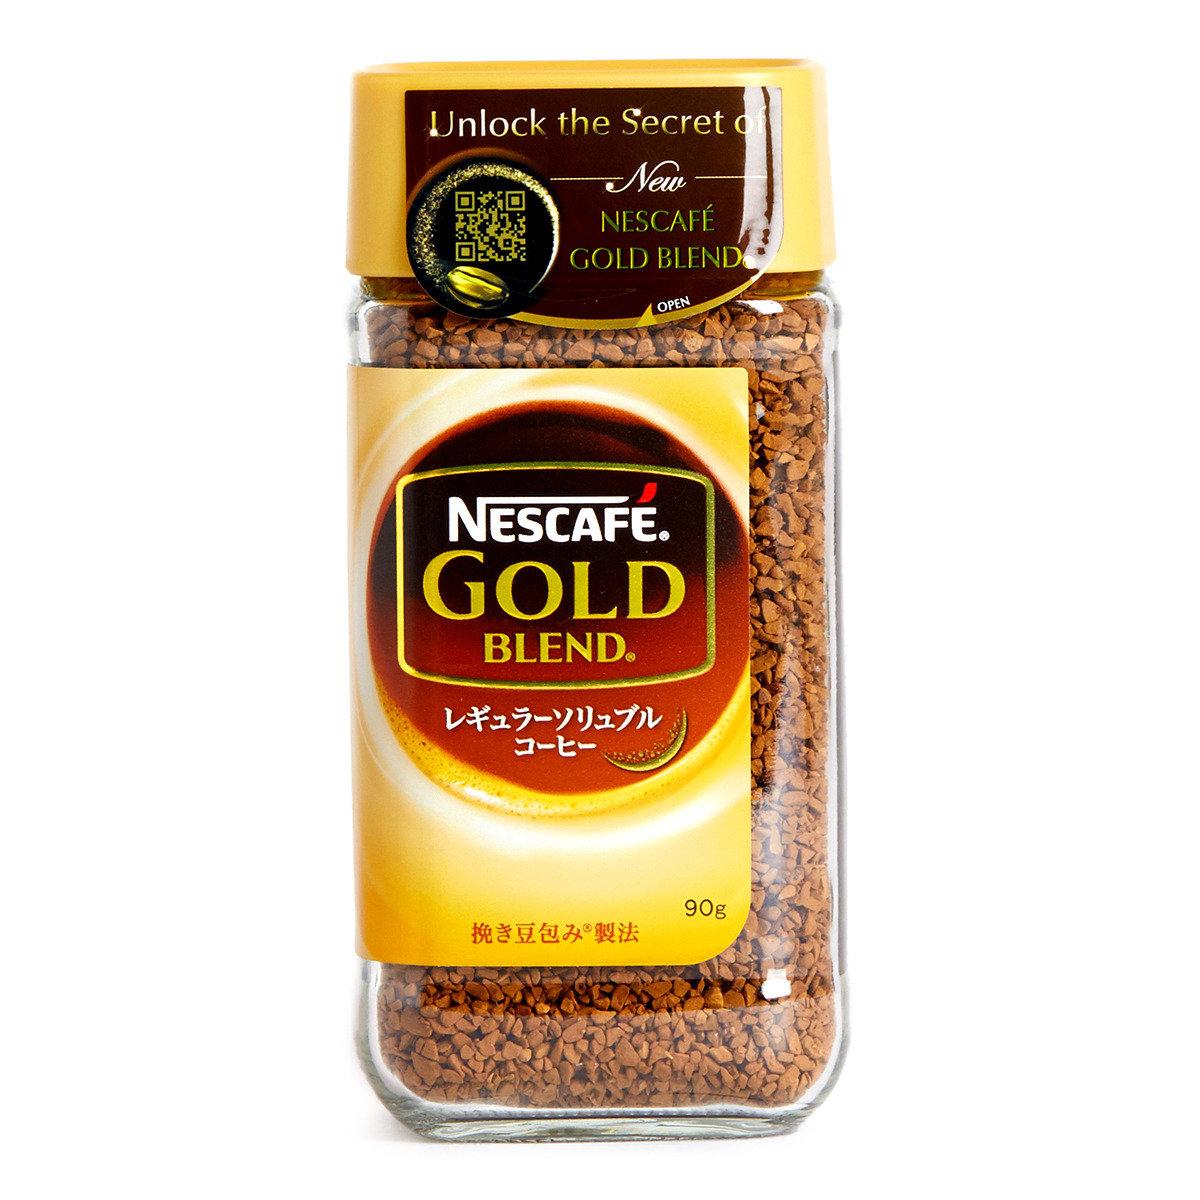 金牌咖啡小瓶裝